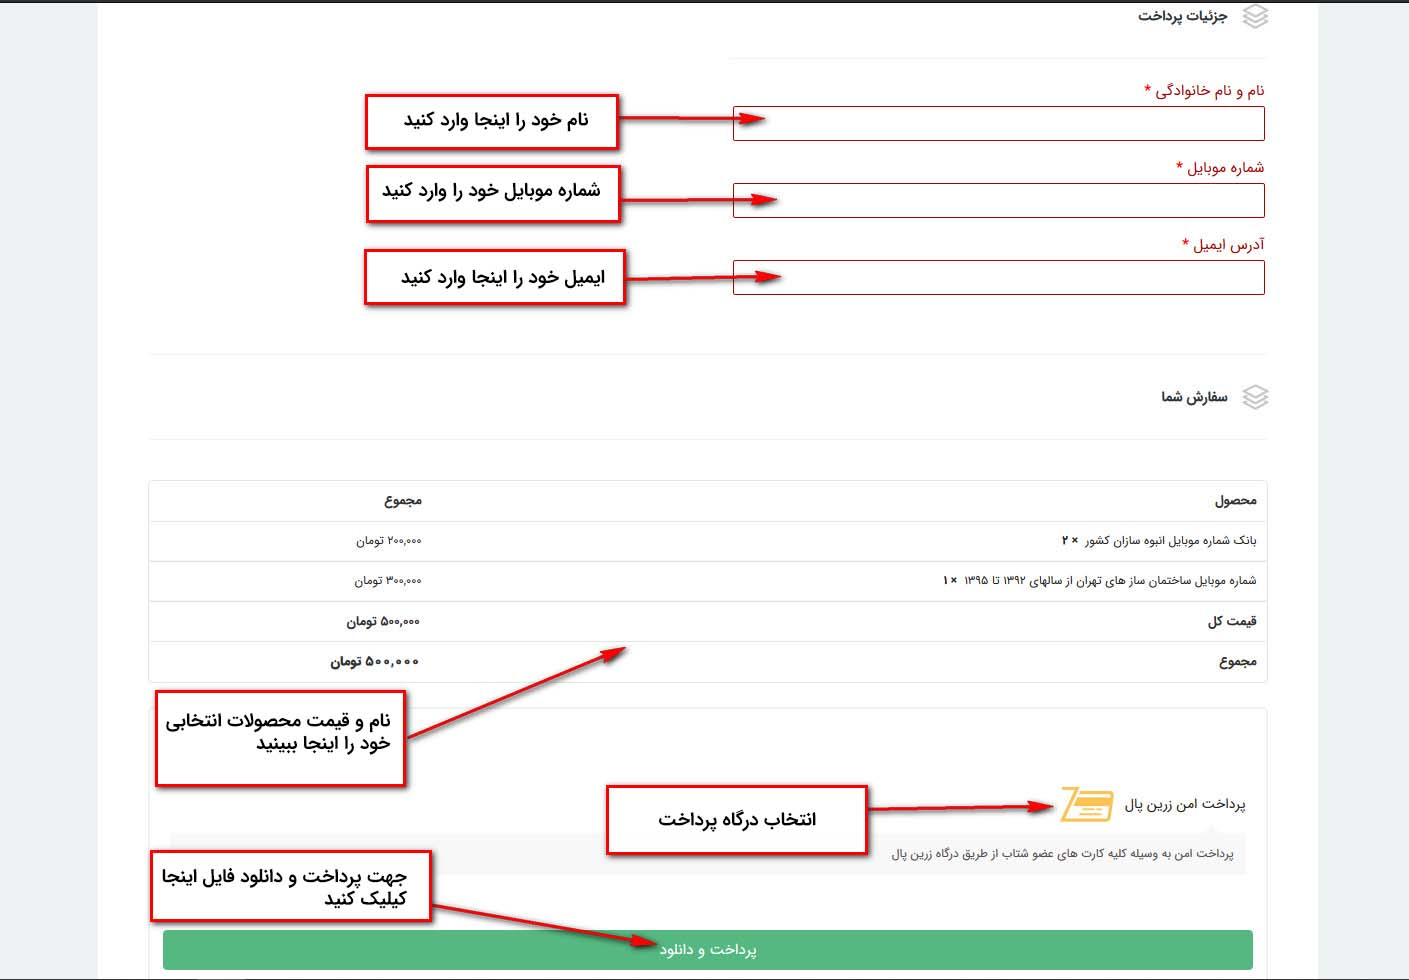 filegostar Purchase guide 4 - راهنمای خرید